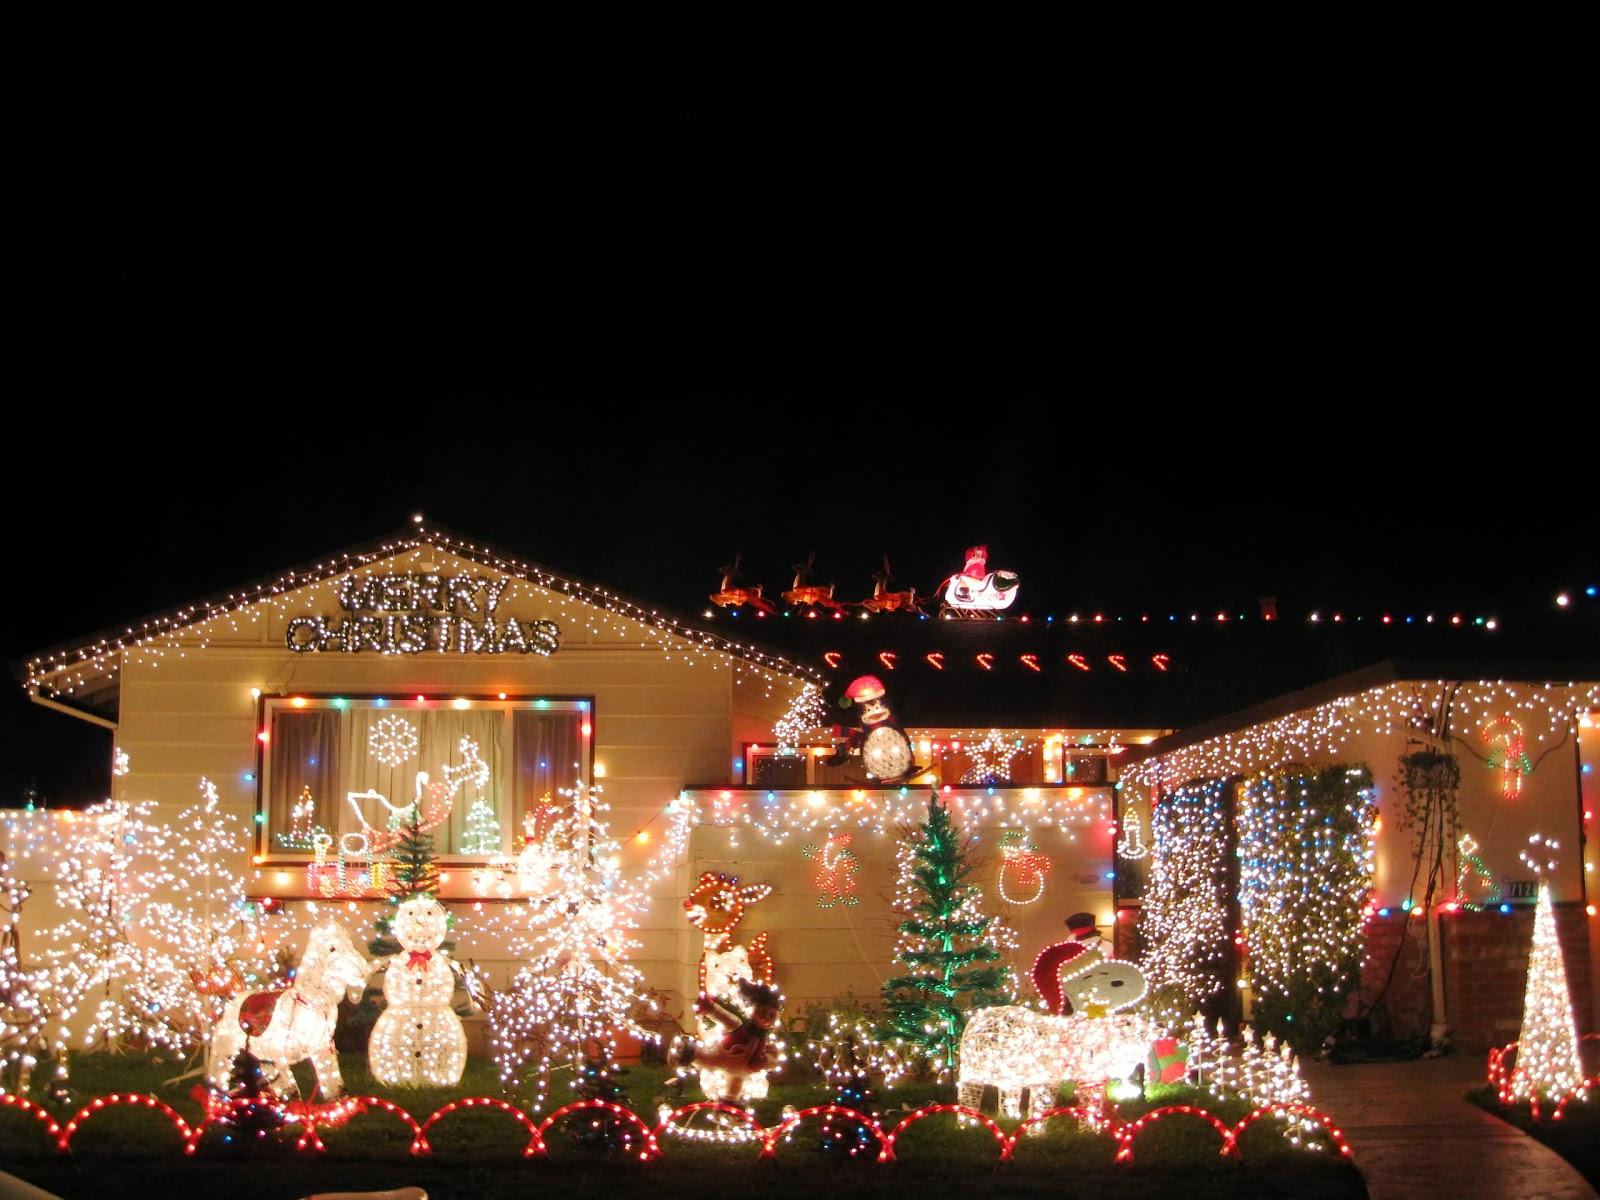 اضاءة  ليلة رأس السنة بزينة مبتكرة